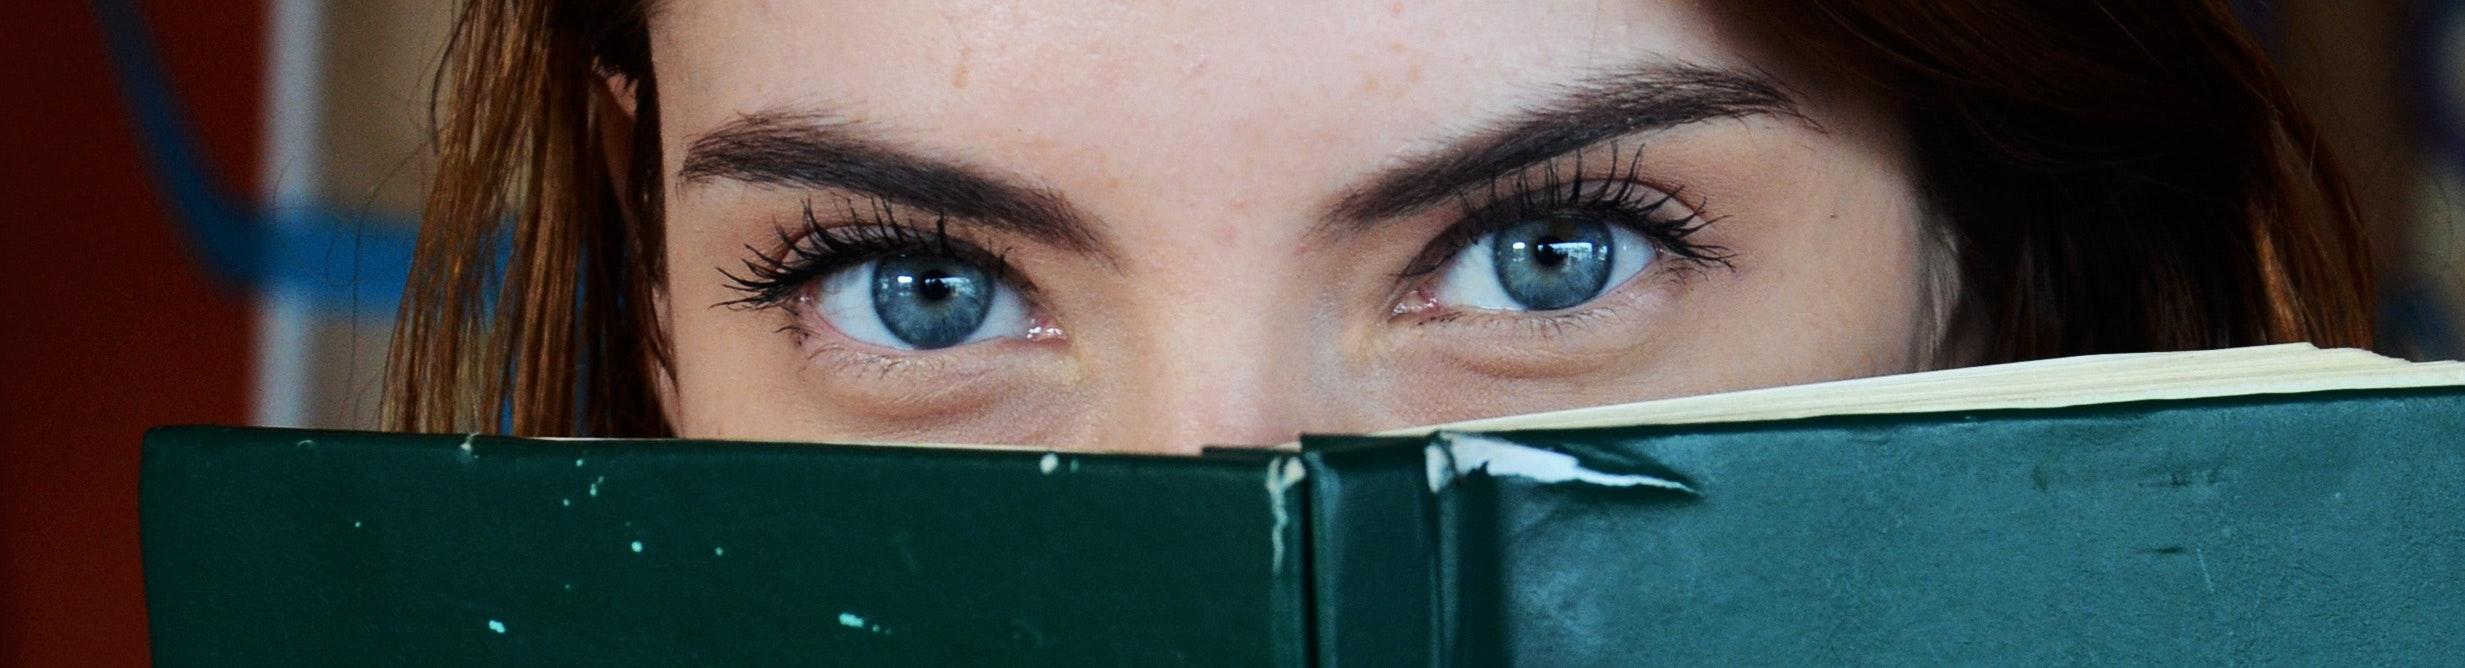 Anpassung VISUS Contactlinsen